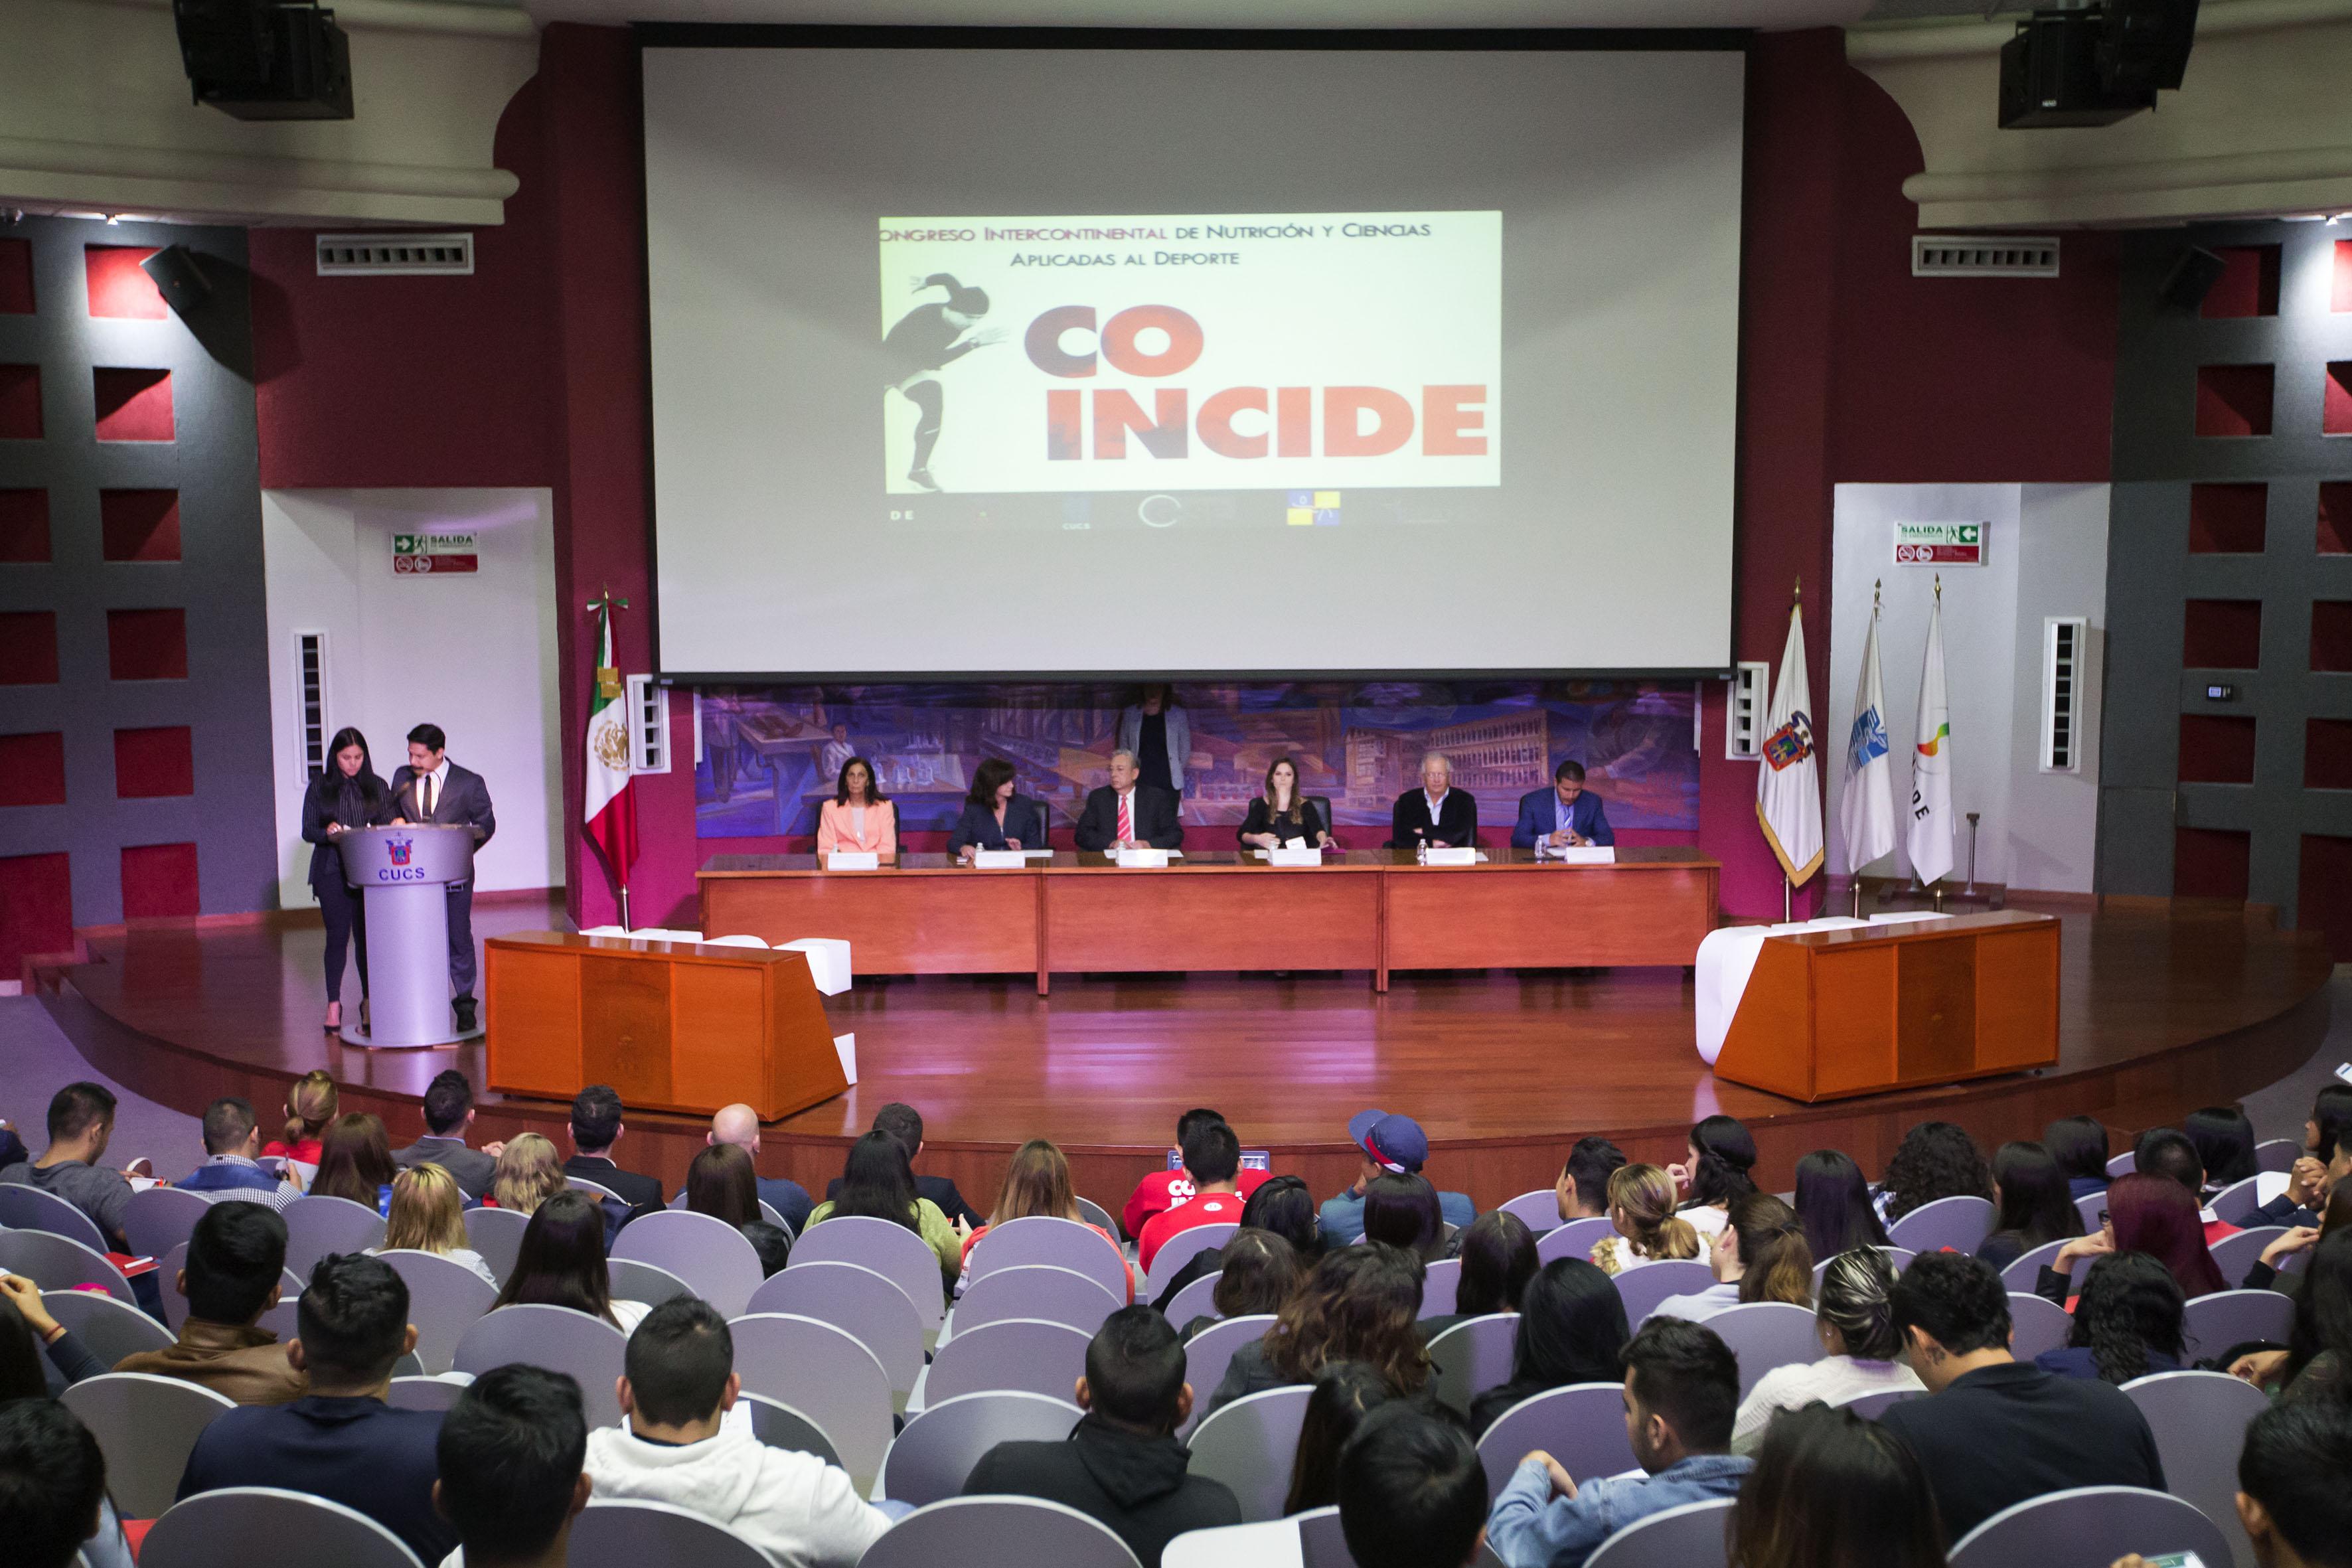 Presídium de la ceremonia de inauguración del Tercer Congreso Intercontinental de Nutrición y Ciencias Aplicadas al Deporte.